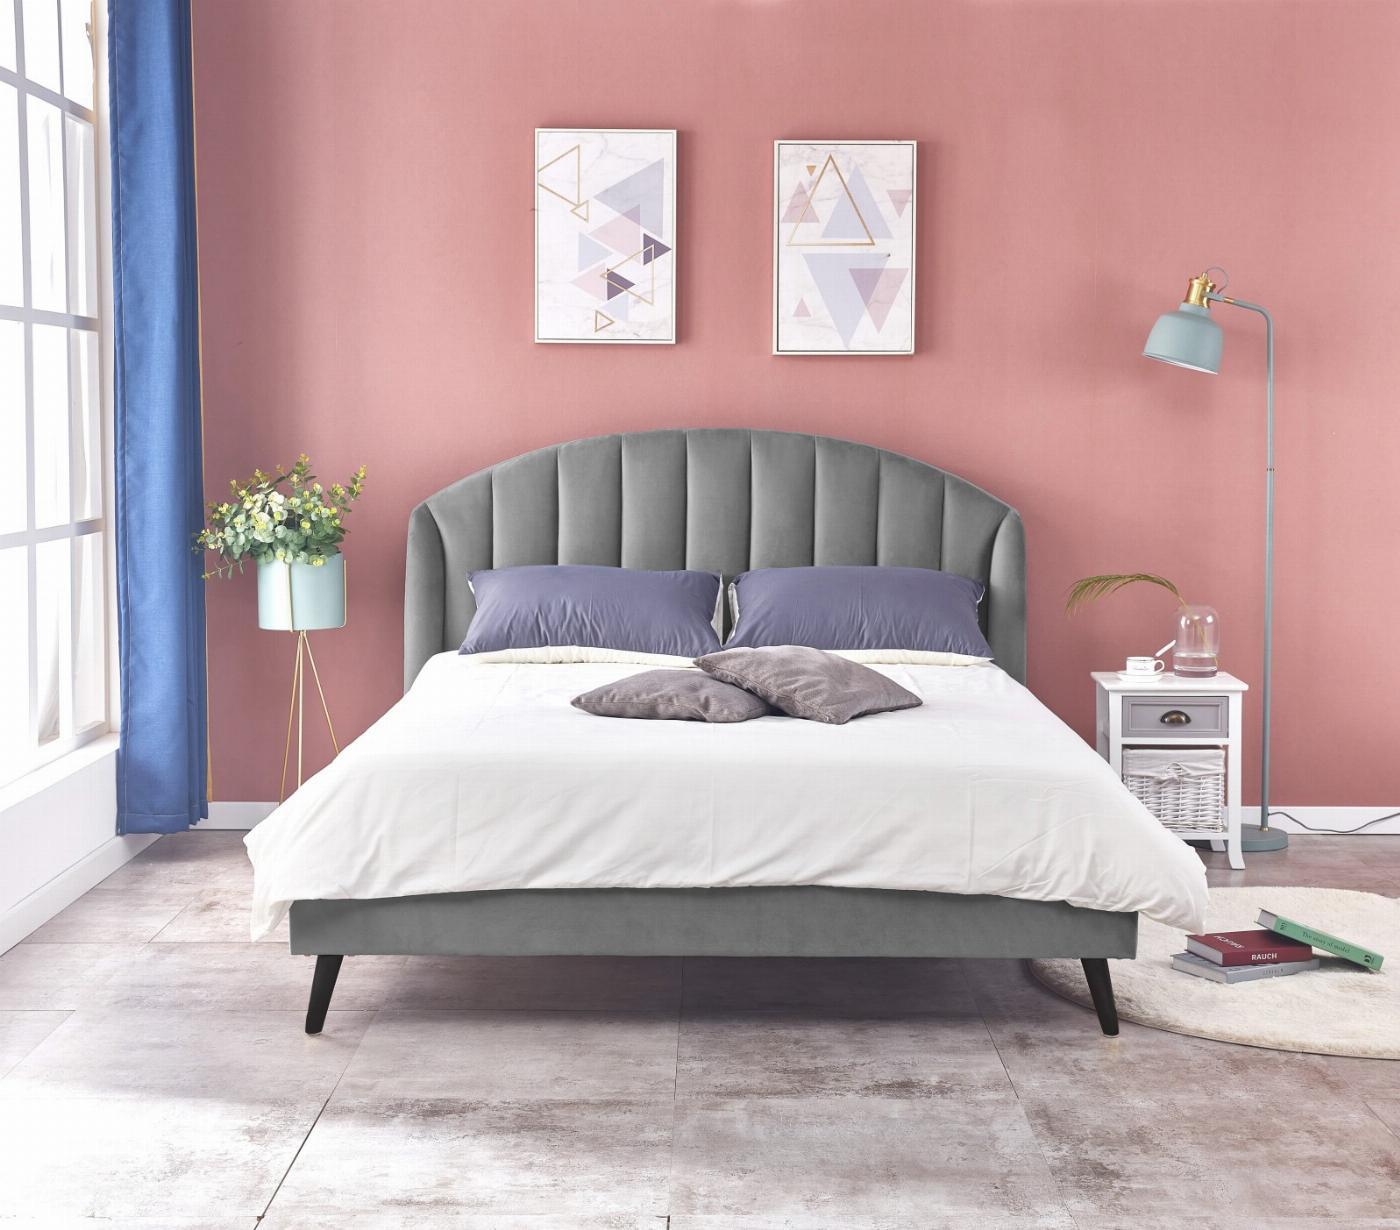 YOVELLA 160 łóżko popielaty